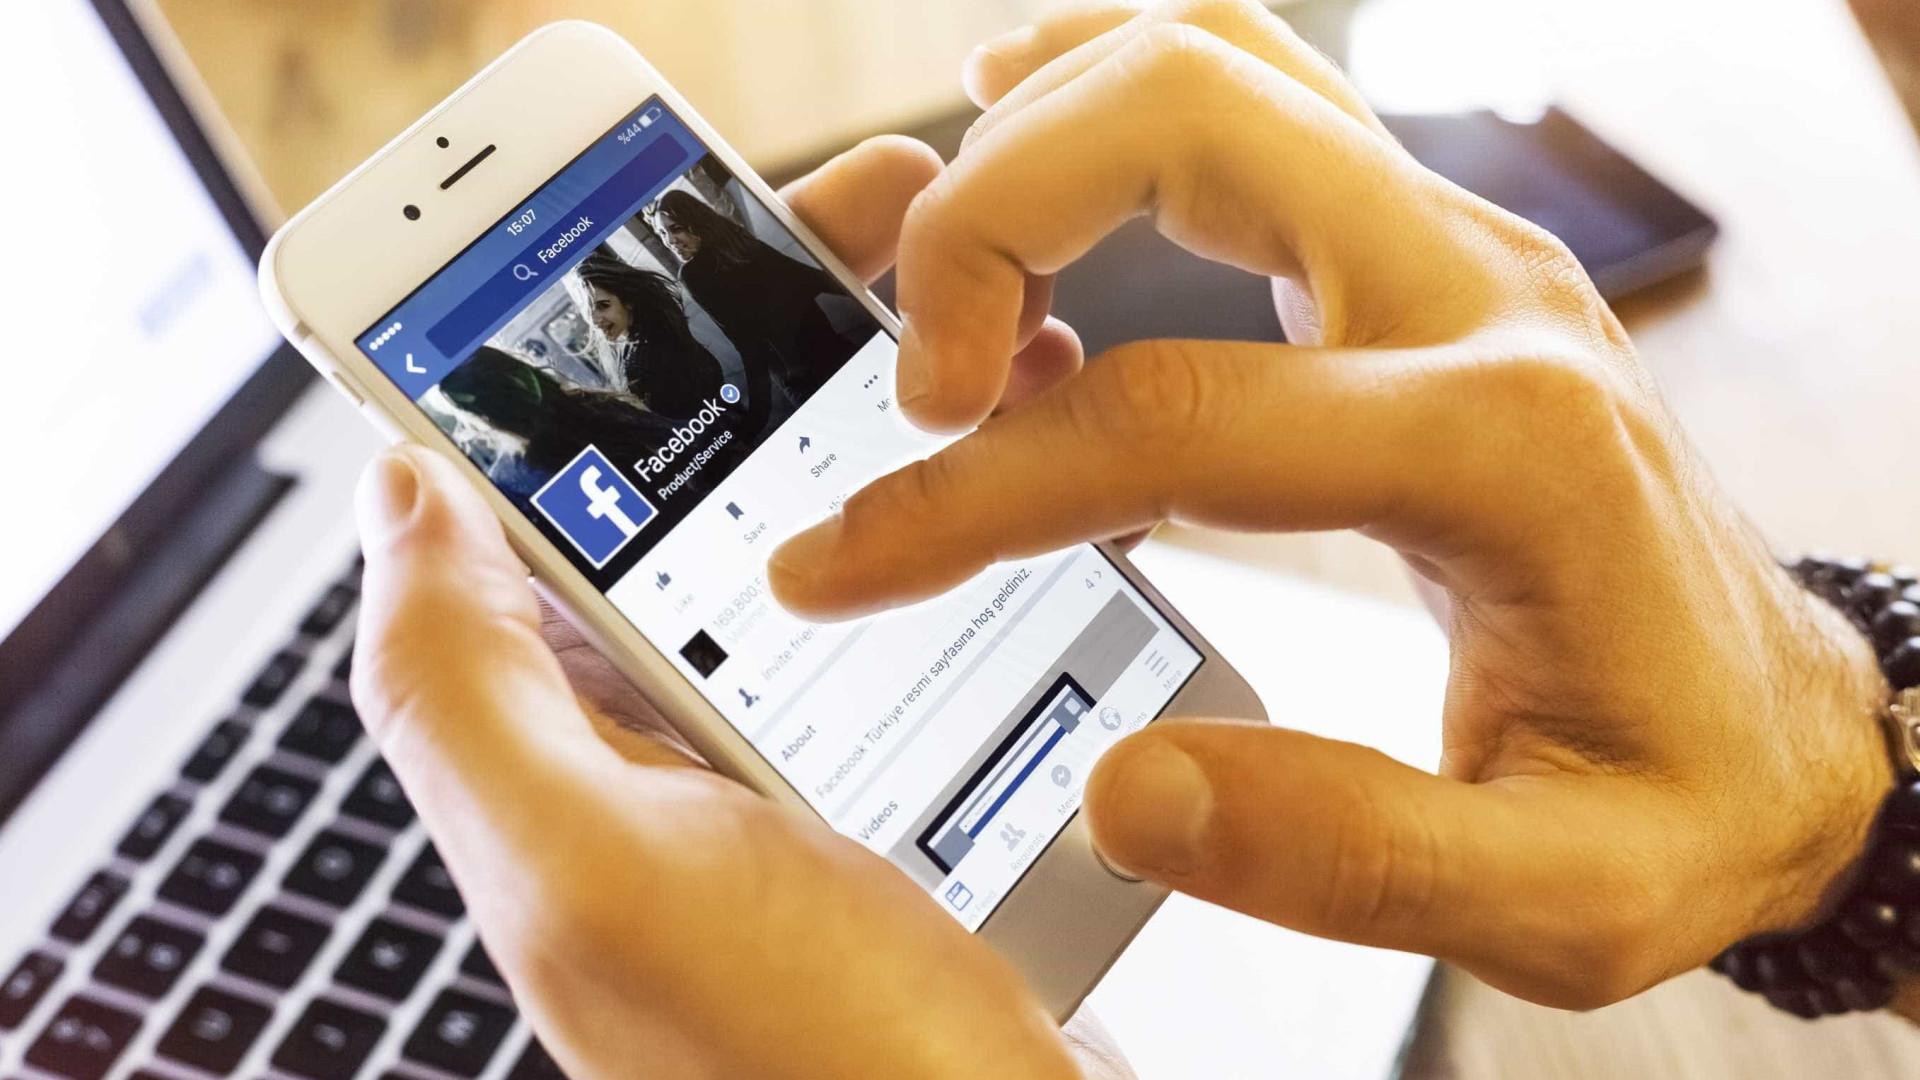 Uma das melhores opções do Facebook ficará ainda melhor